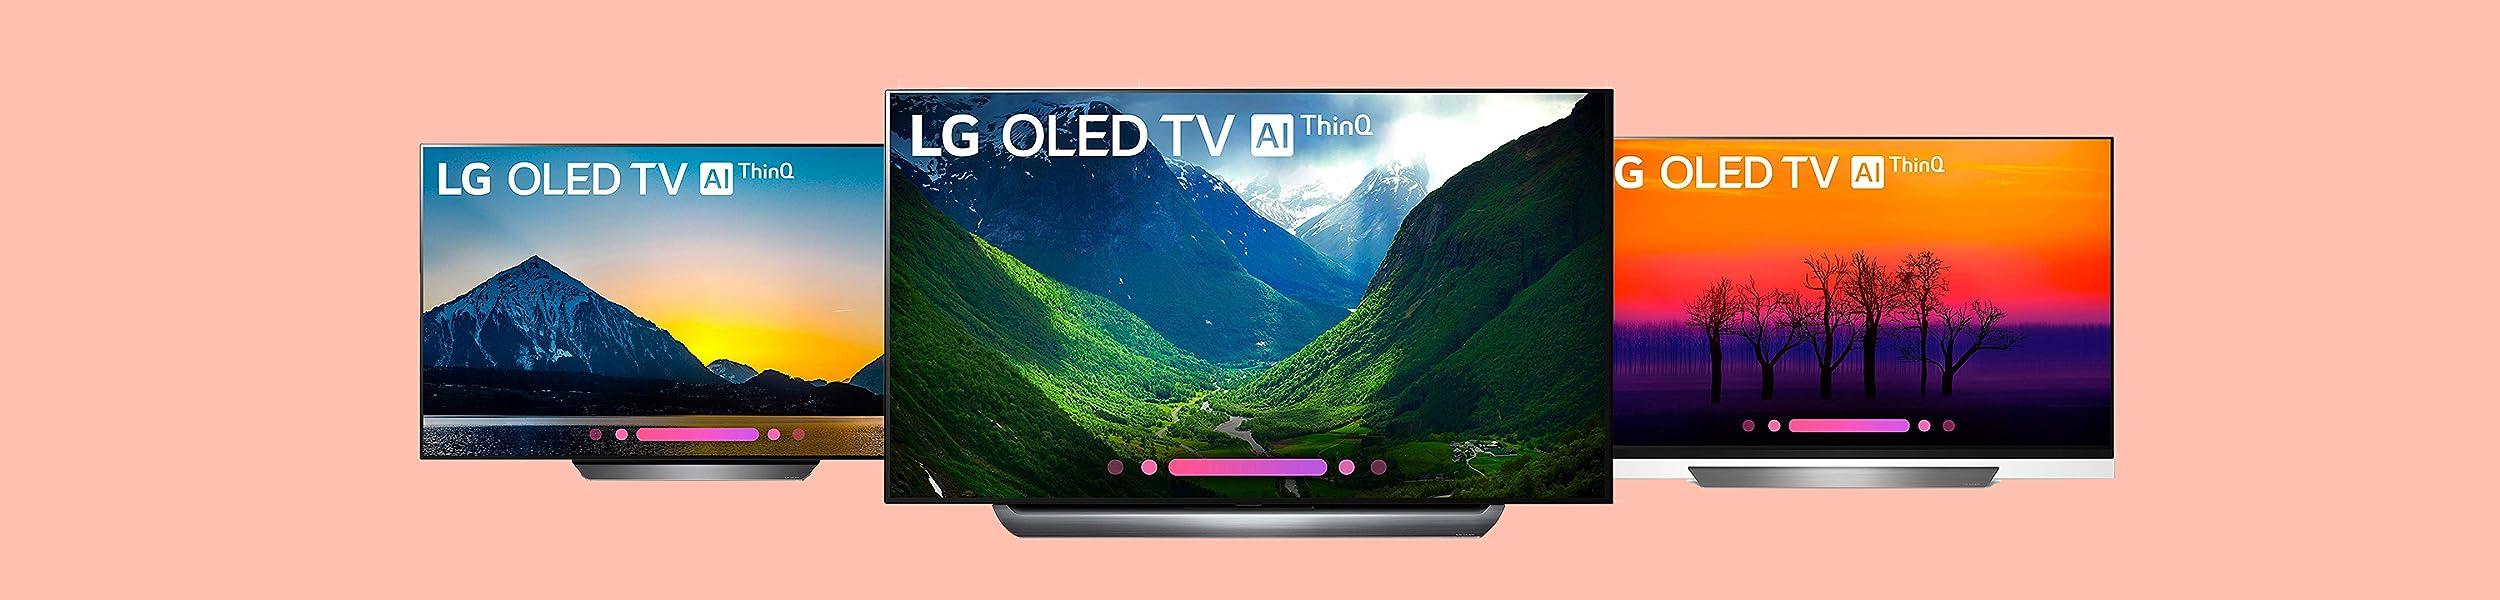 Save on 2018 LG OLED TVs